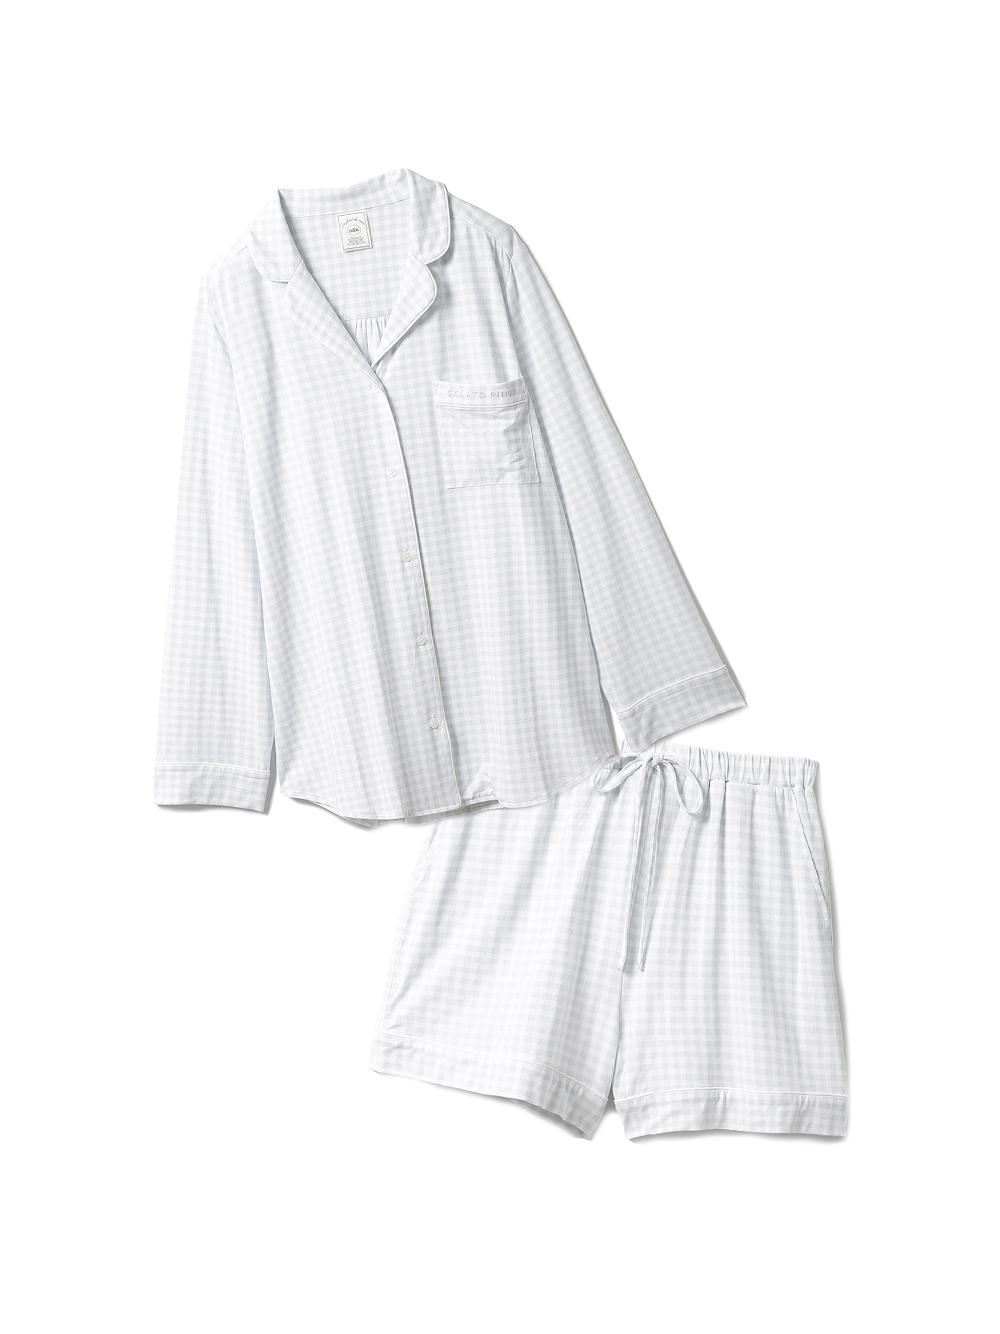 【ラッピング】ギンガムモダールシャツ&ショートパンツSET(BLU-F)